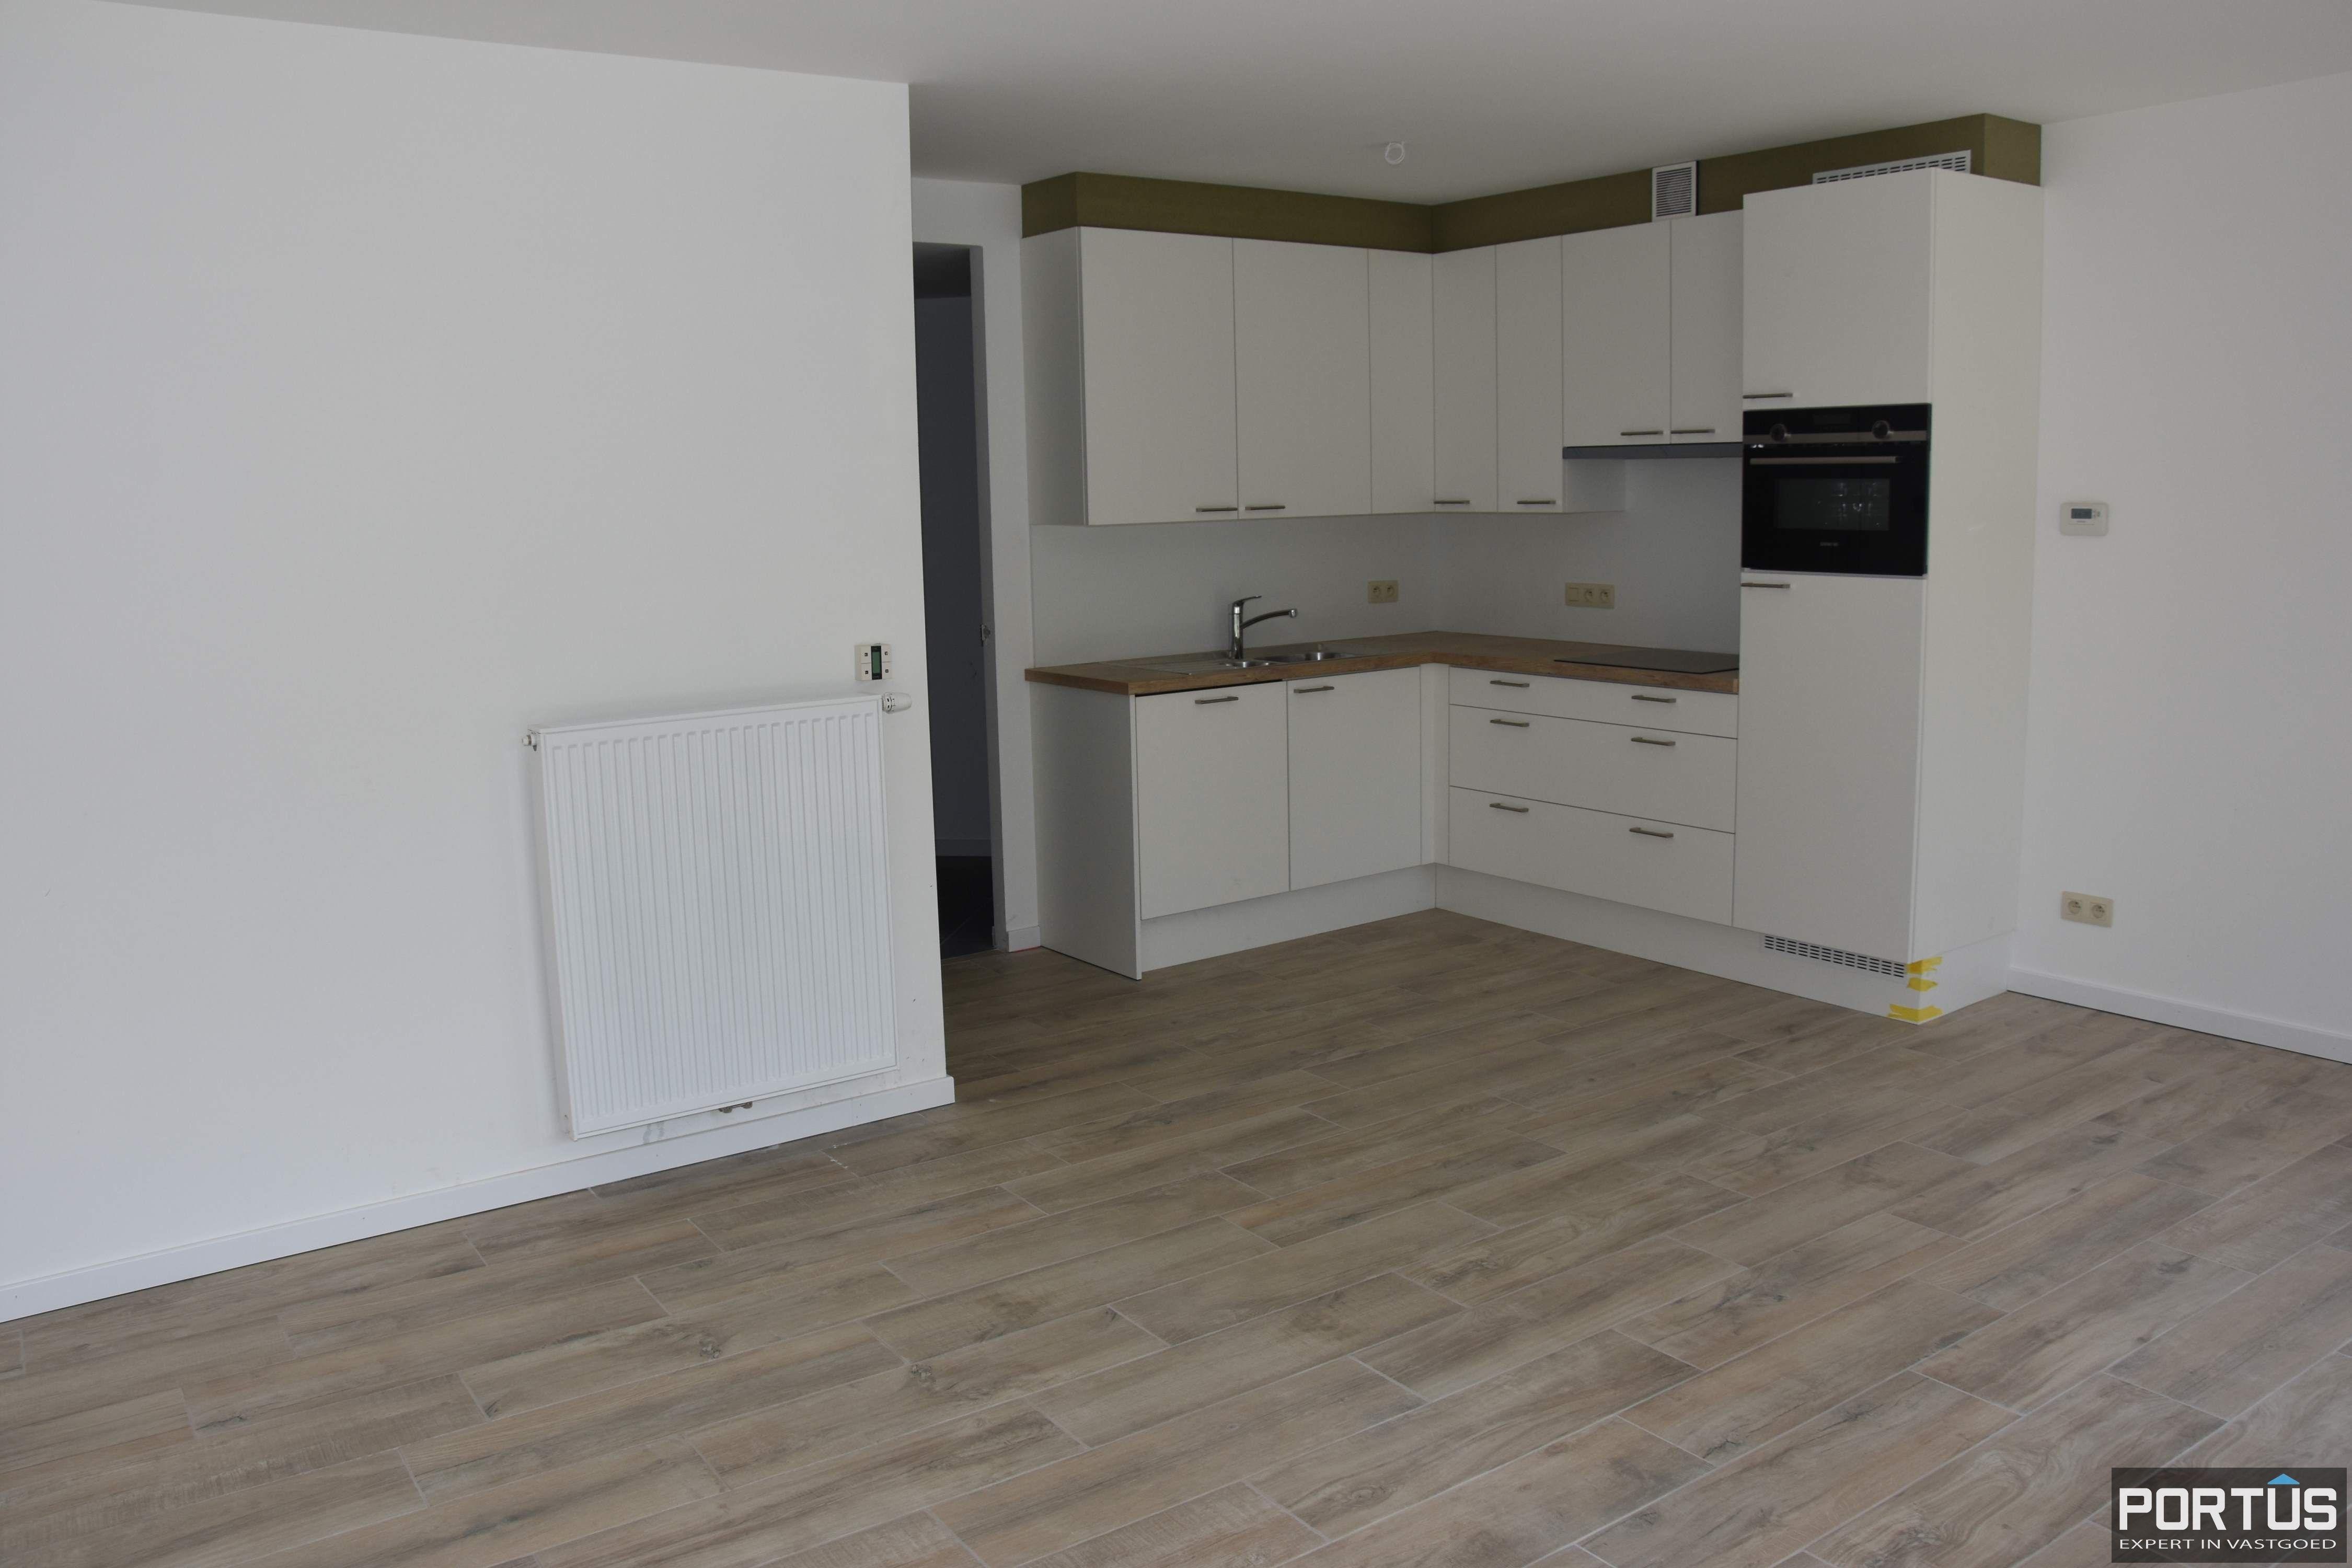 Appartement Residentie Villa Crombez Nieuwpoort - 8404